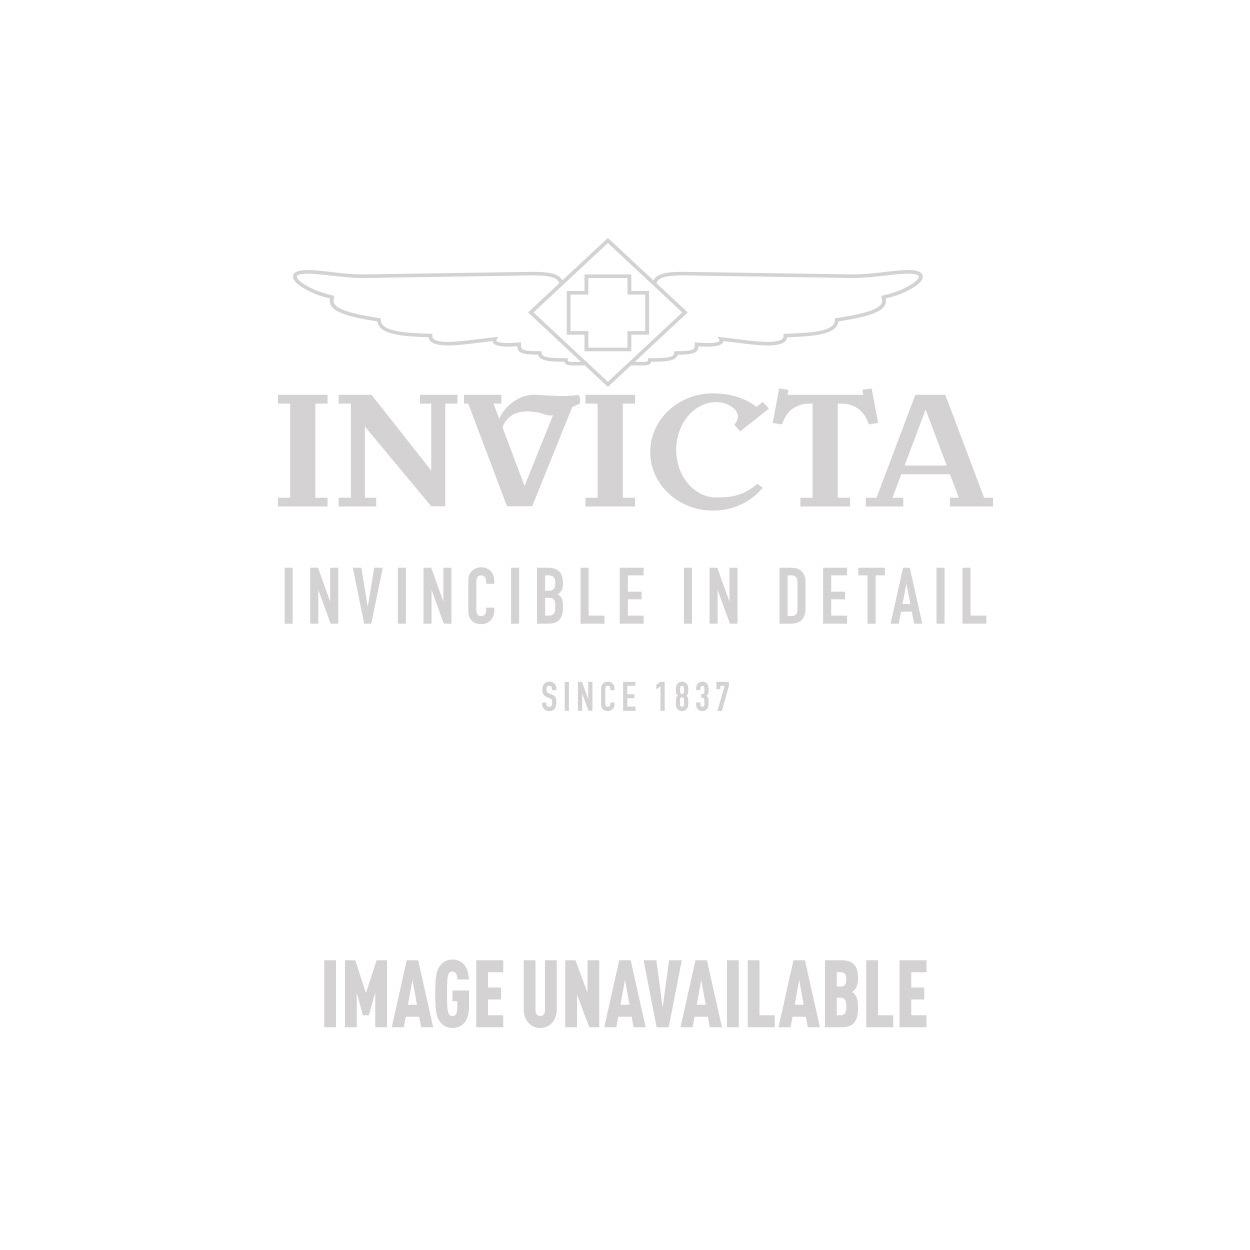 Invicta Model 28825